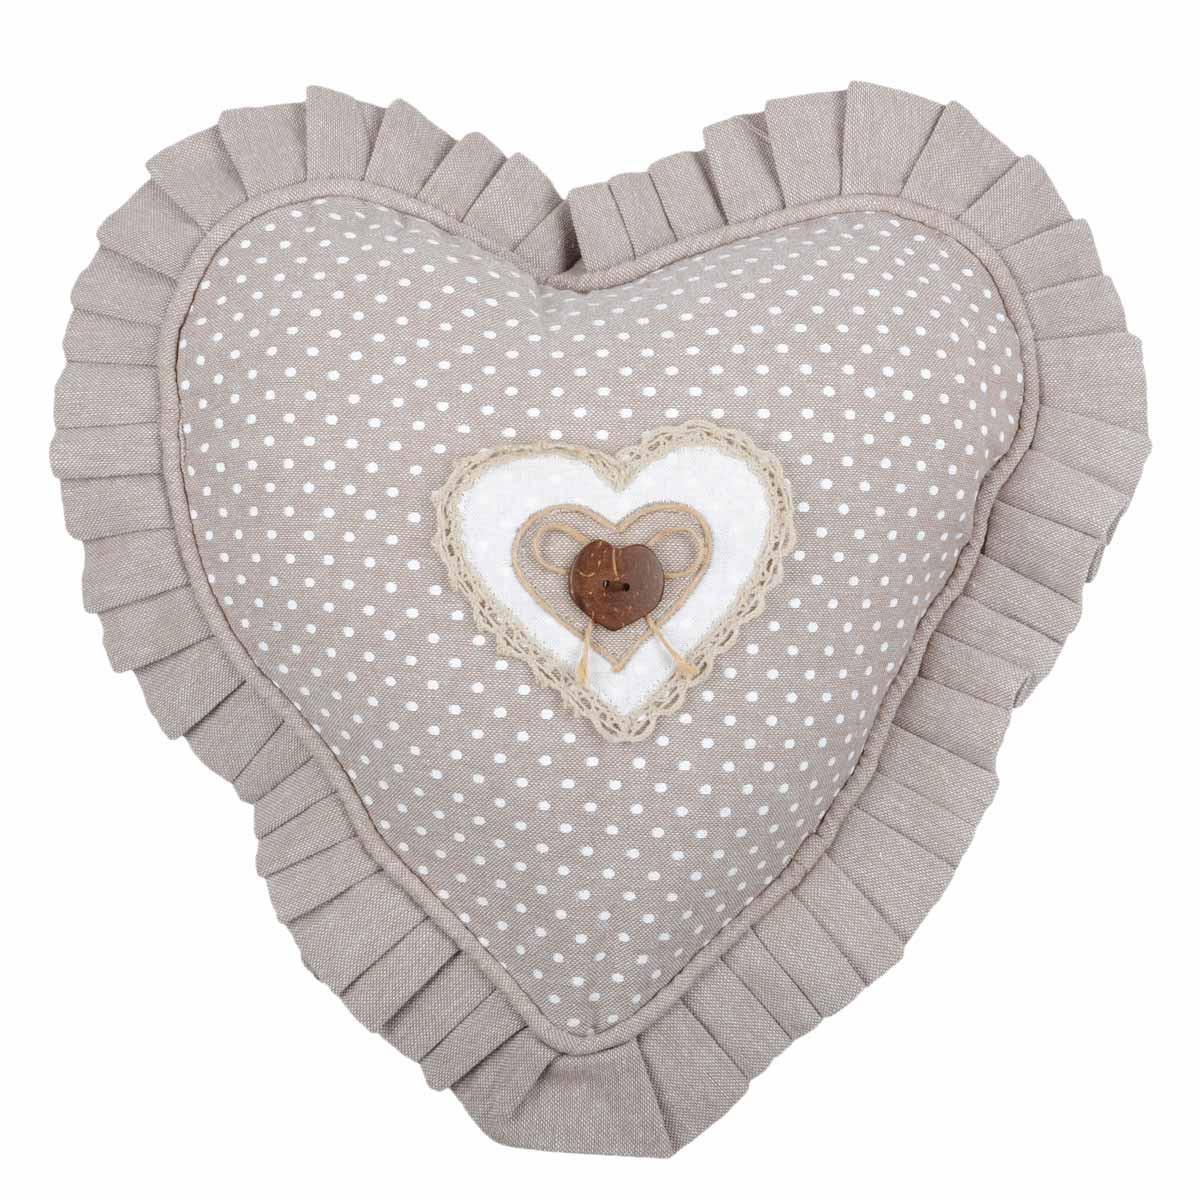 Διακοσμητικό Μαξιλάρι Καρδιά (30×30) Lyna Naturel C23102001